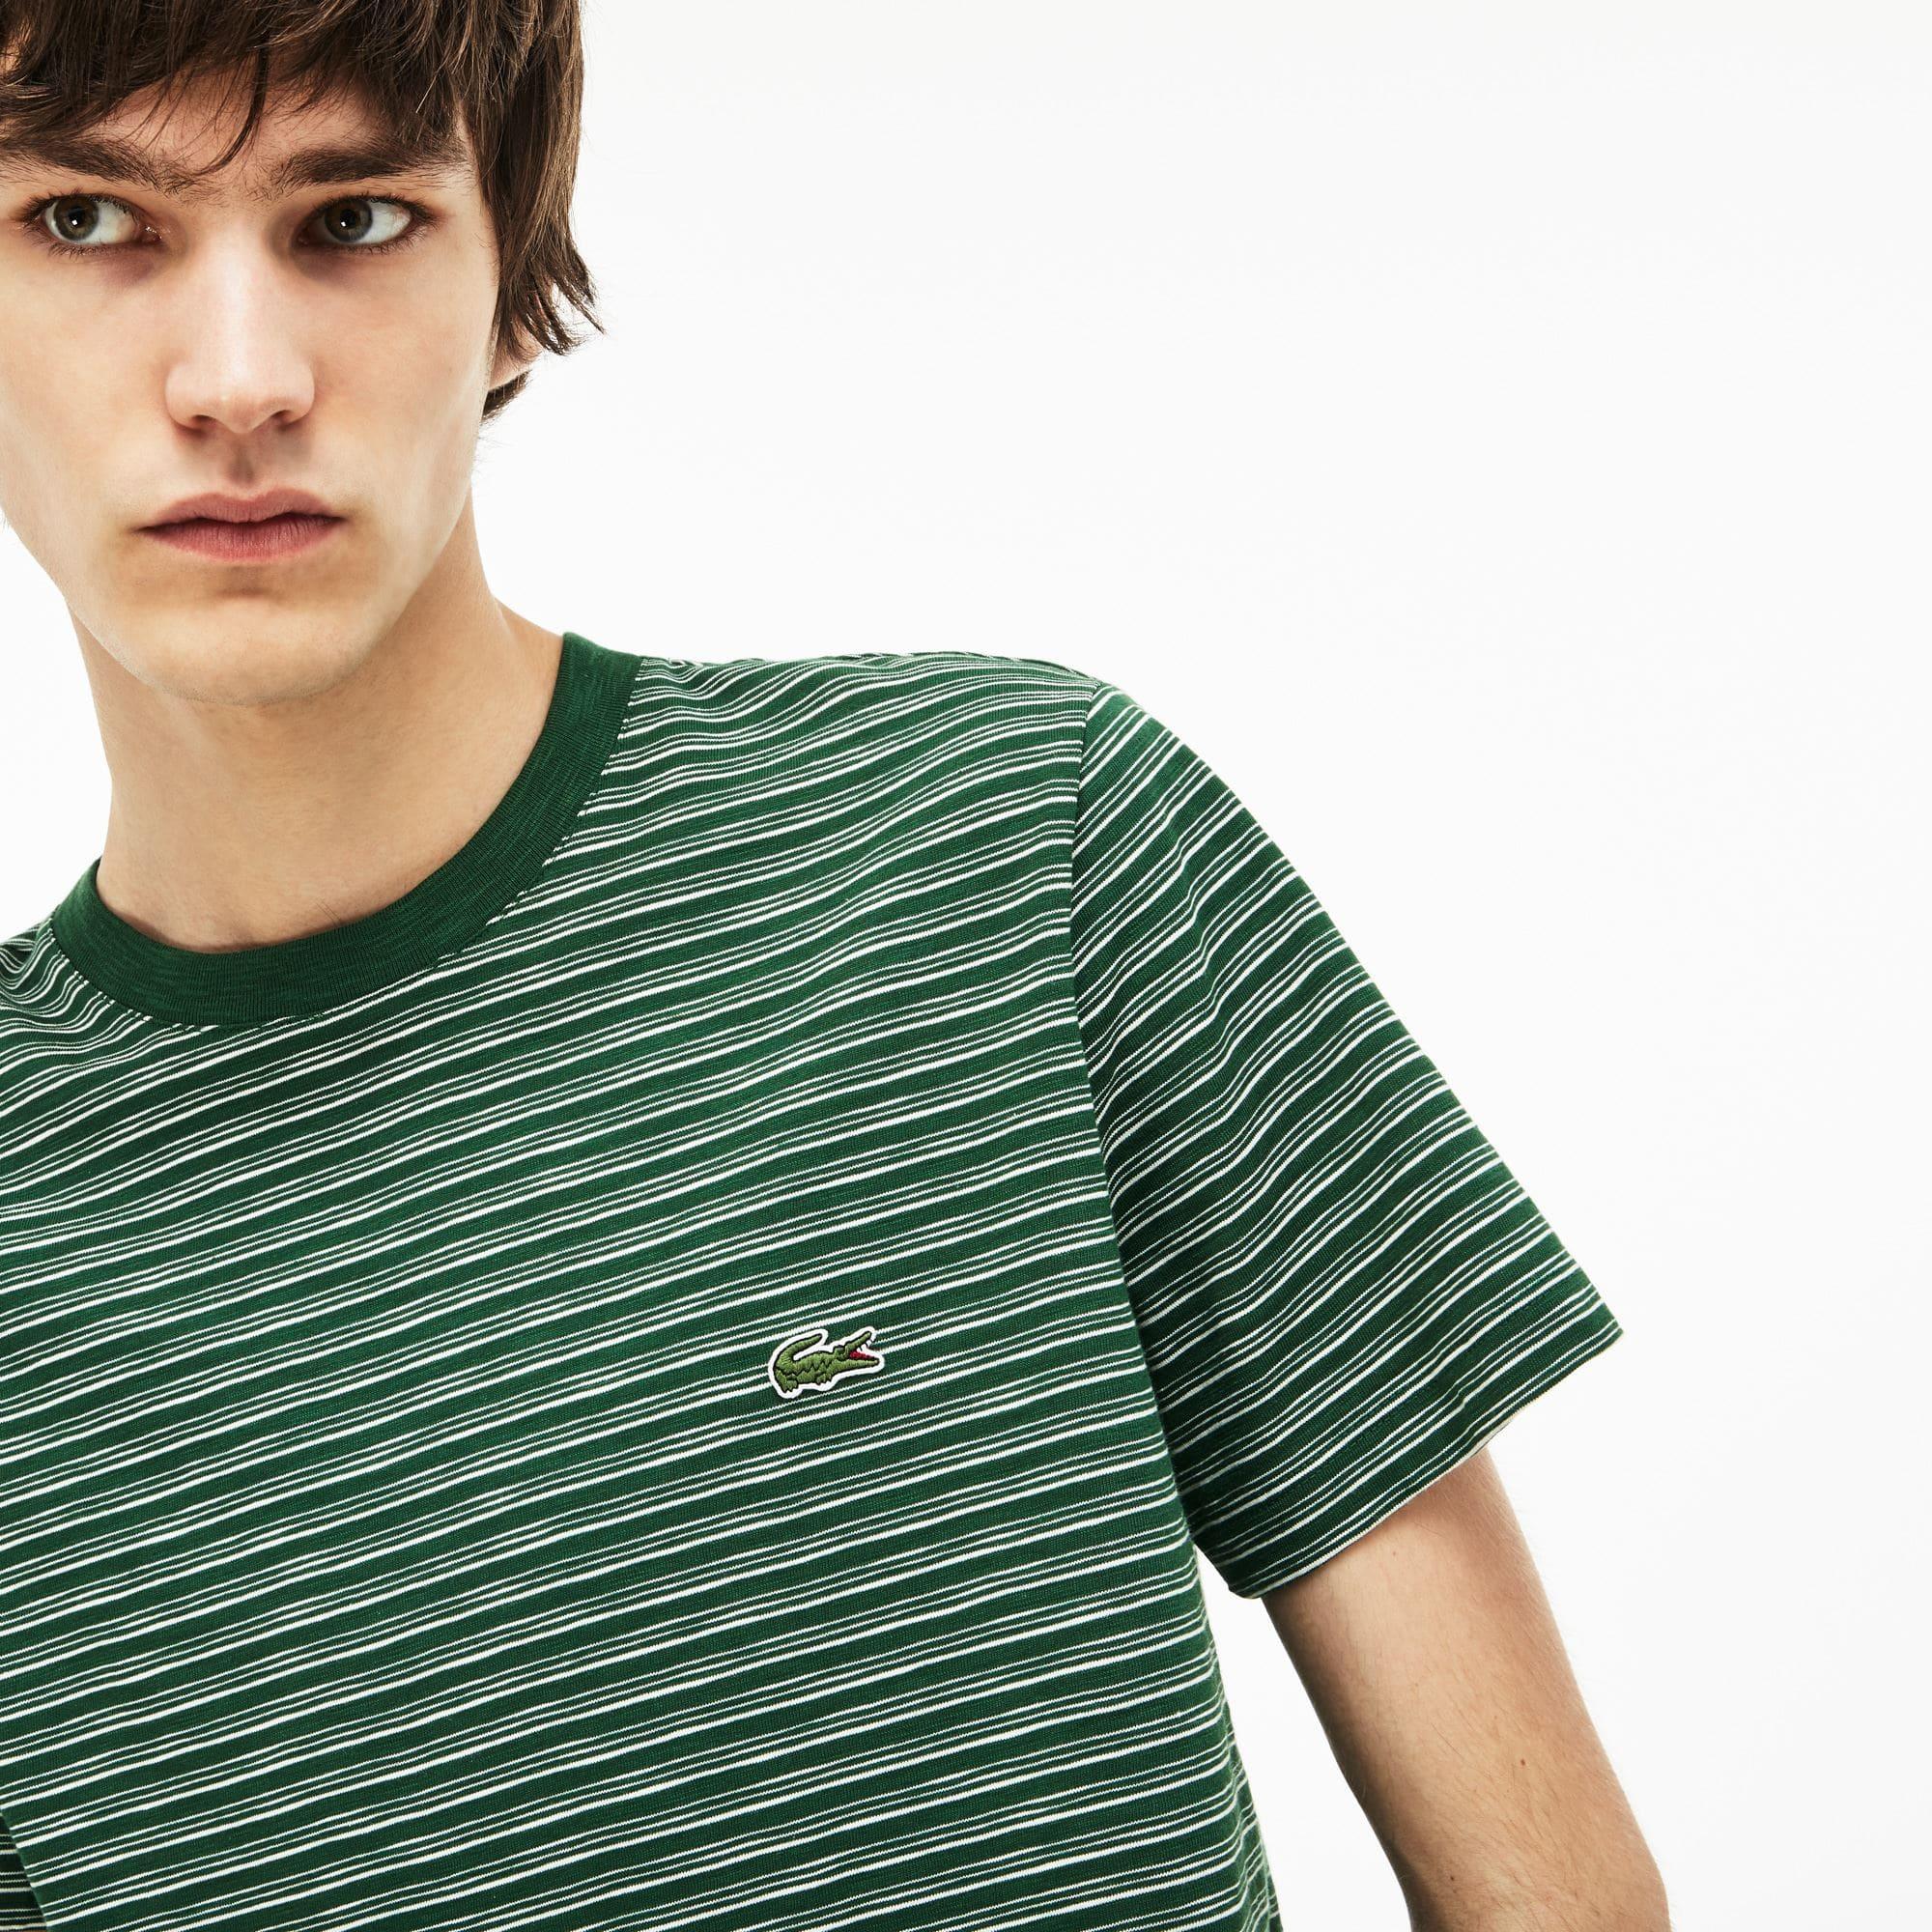 T-shirt decote redondo em jersey de algodão efeito mesclado às riscas